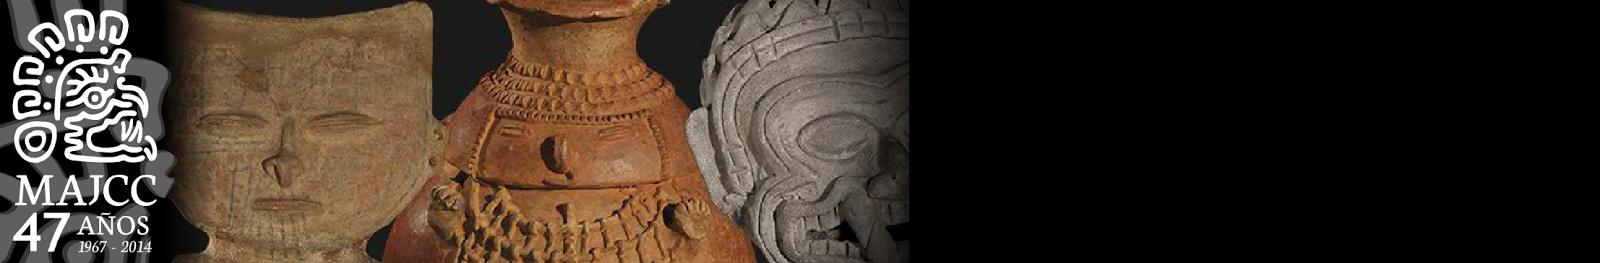 Museo Arqueológico Julio César Cubillos